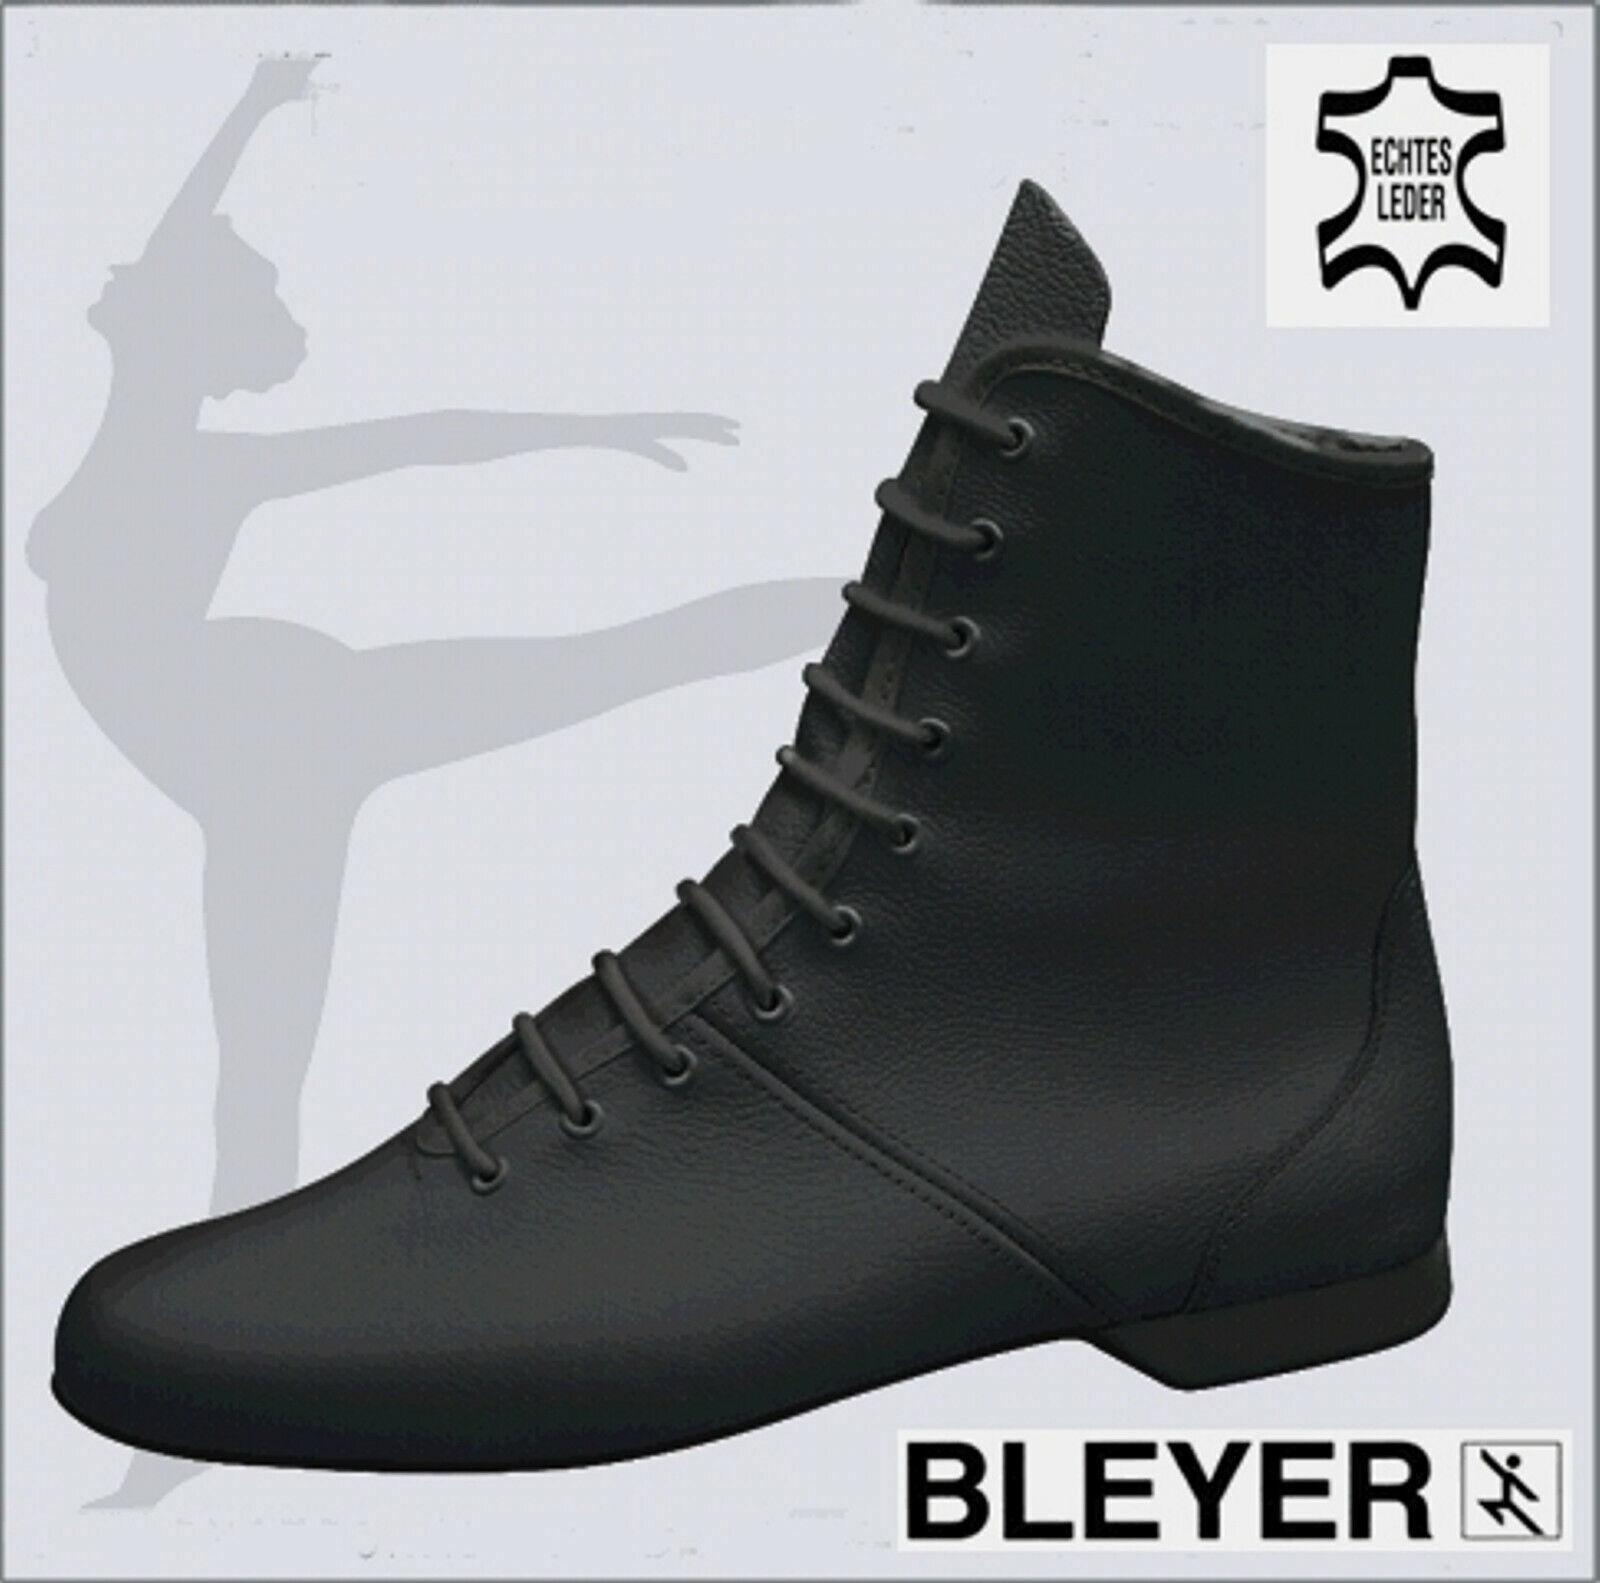 Bleyer 4620 guardia Stivali Stivali da ballo danza guardia Pelle, Nero, Misura 37